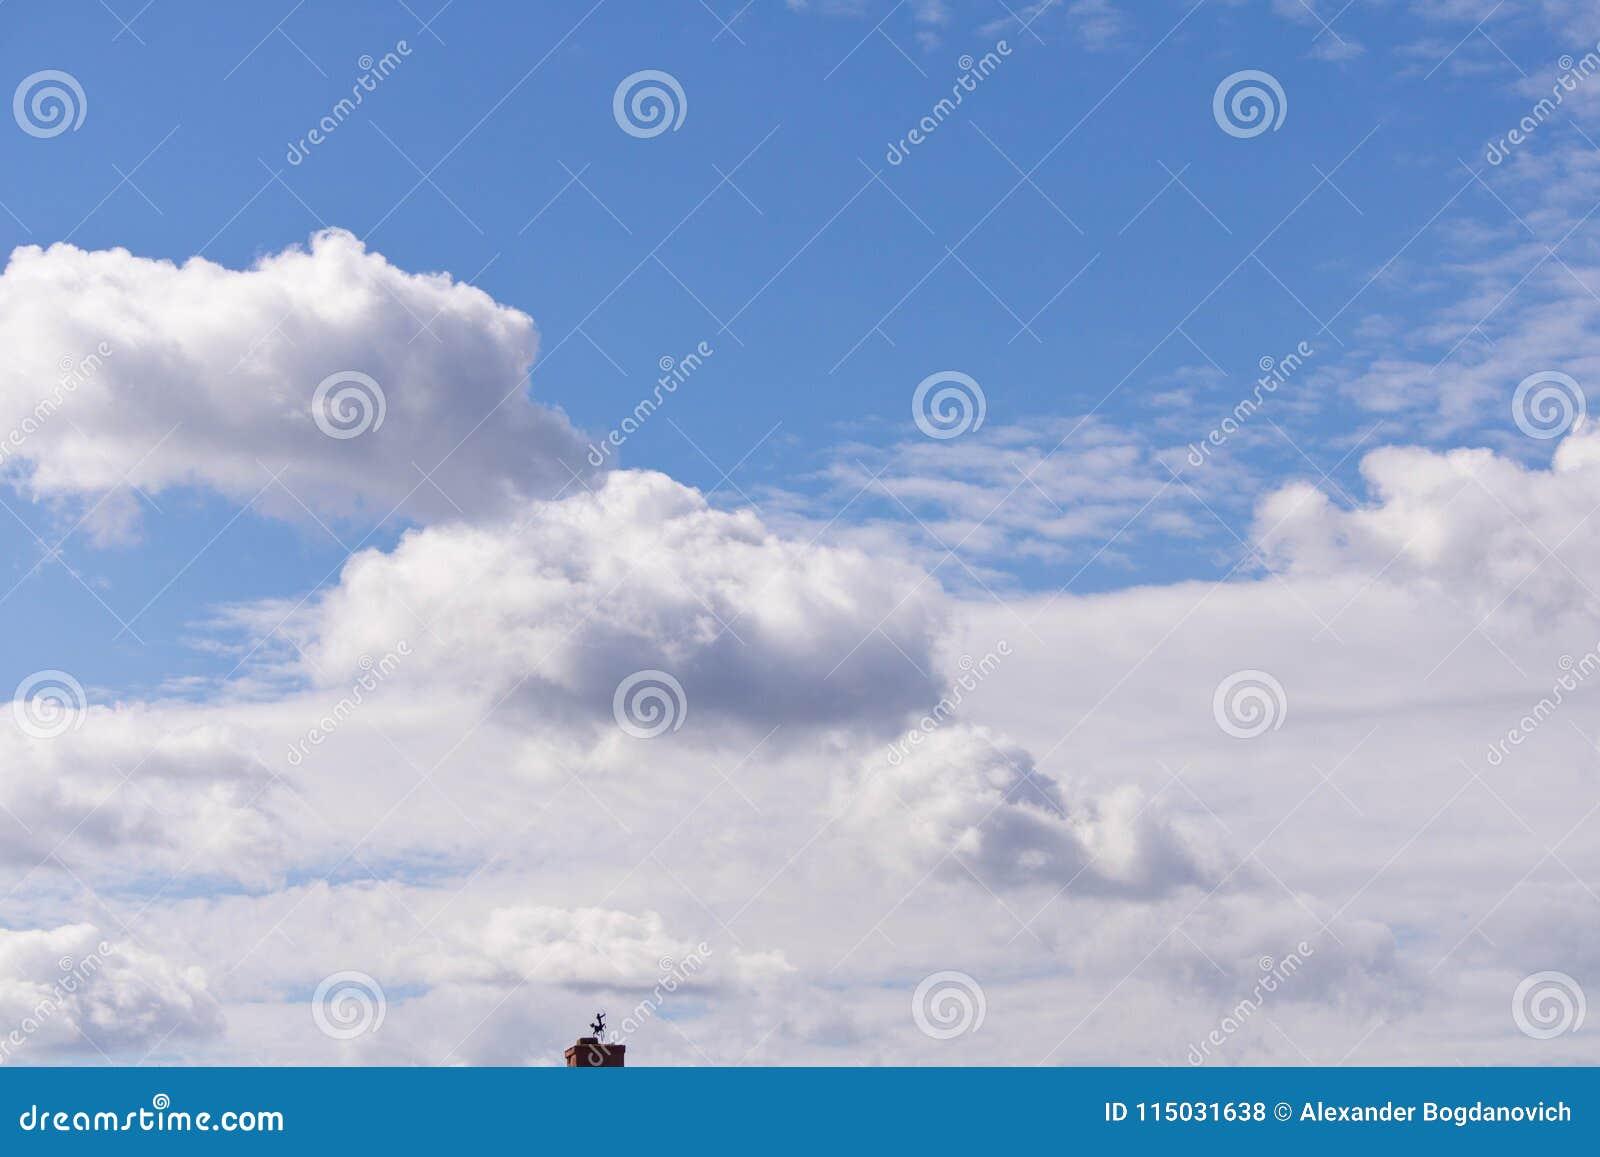 Nuvole bianche sul fondo del cielo blu Un piccolo pezzo di tubo con